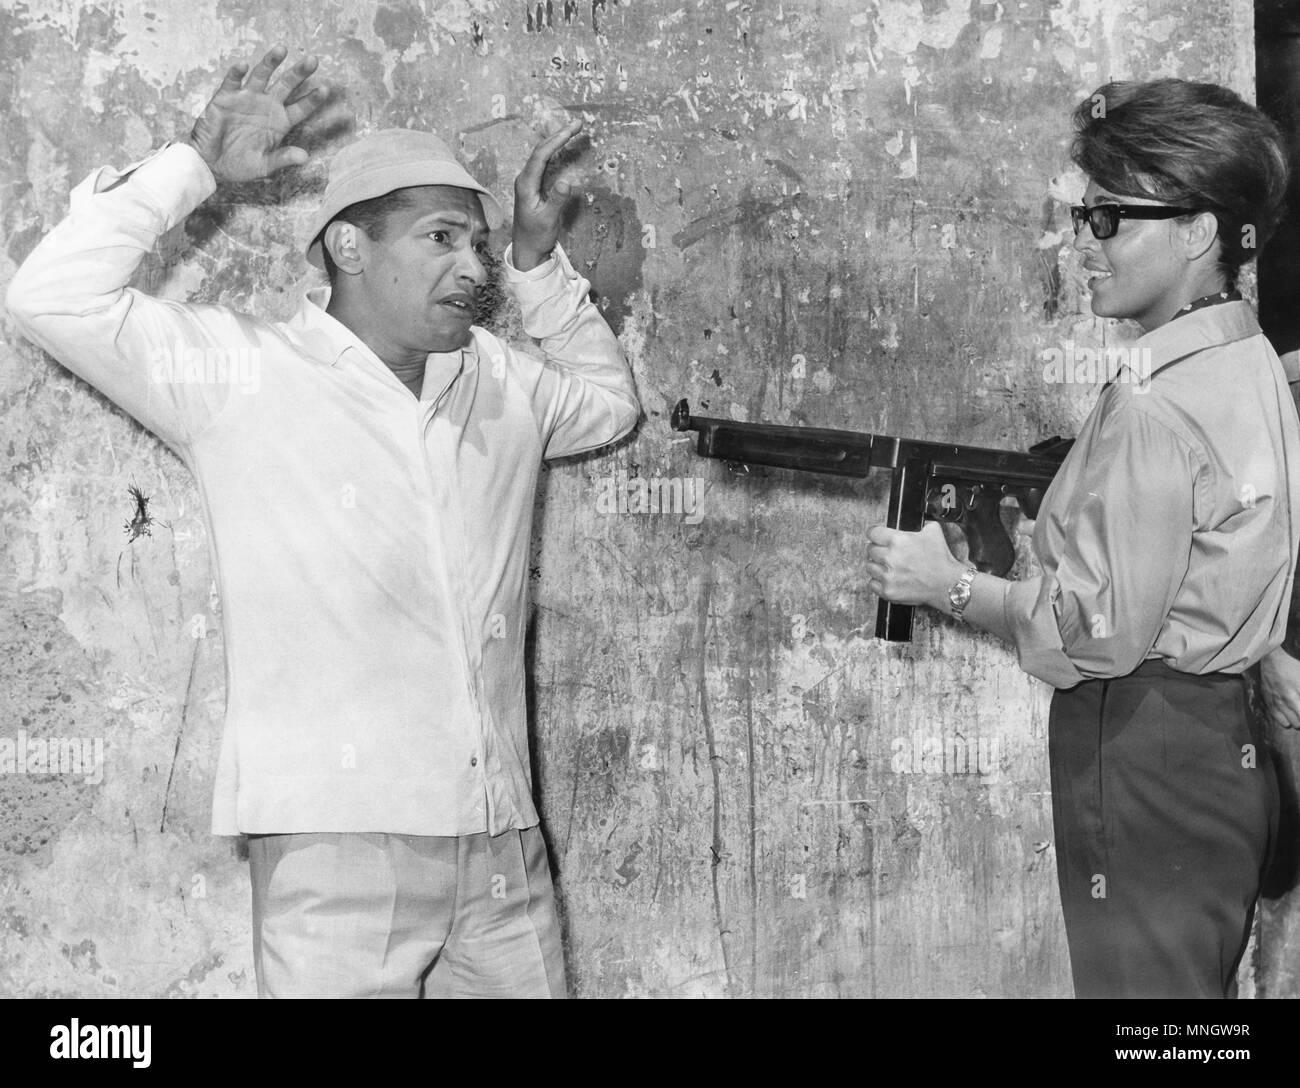 henri salvador, valeria fabrizi, il segugio, accroche-toi, y'a du vent, 1962 - Stock Image